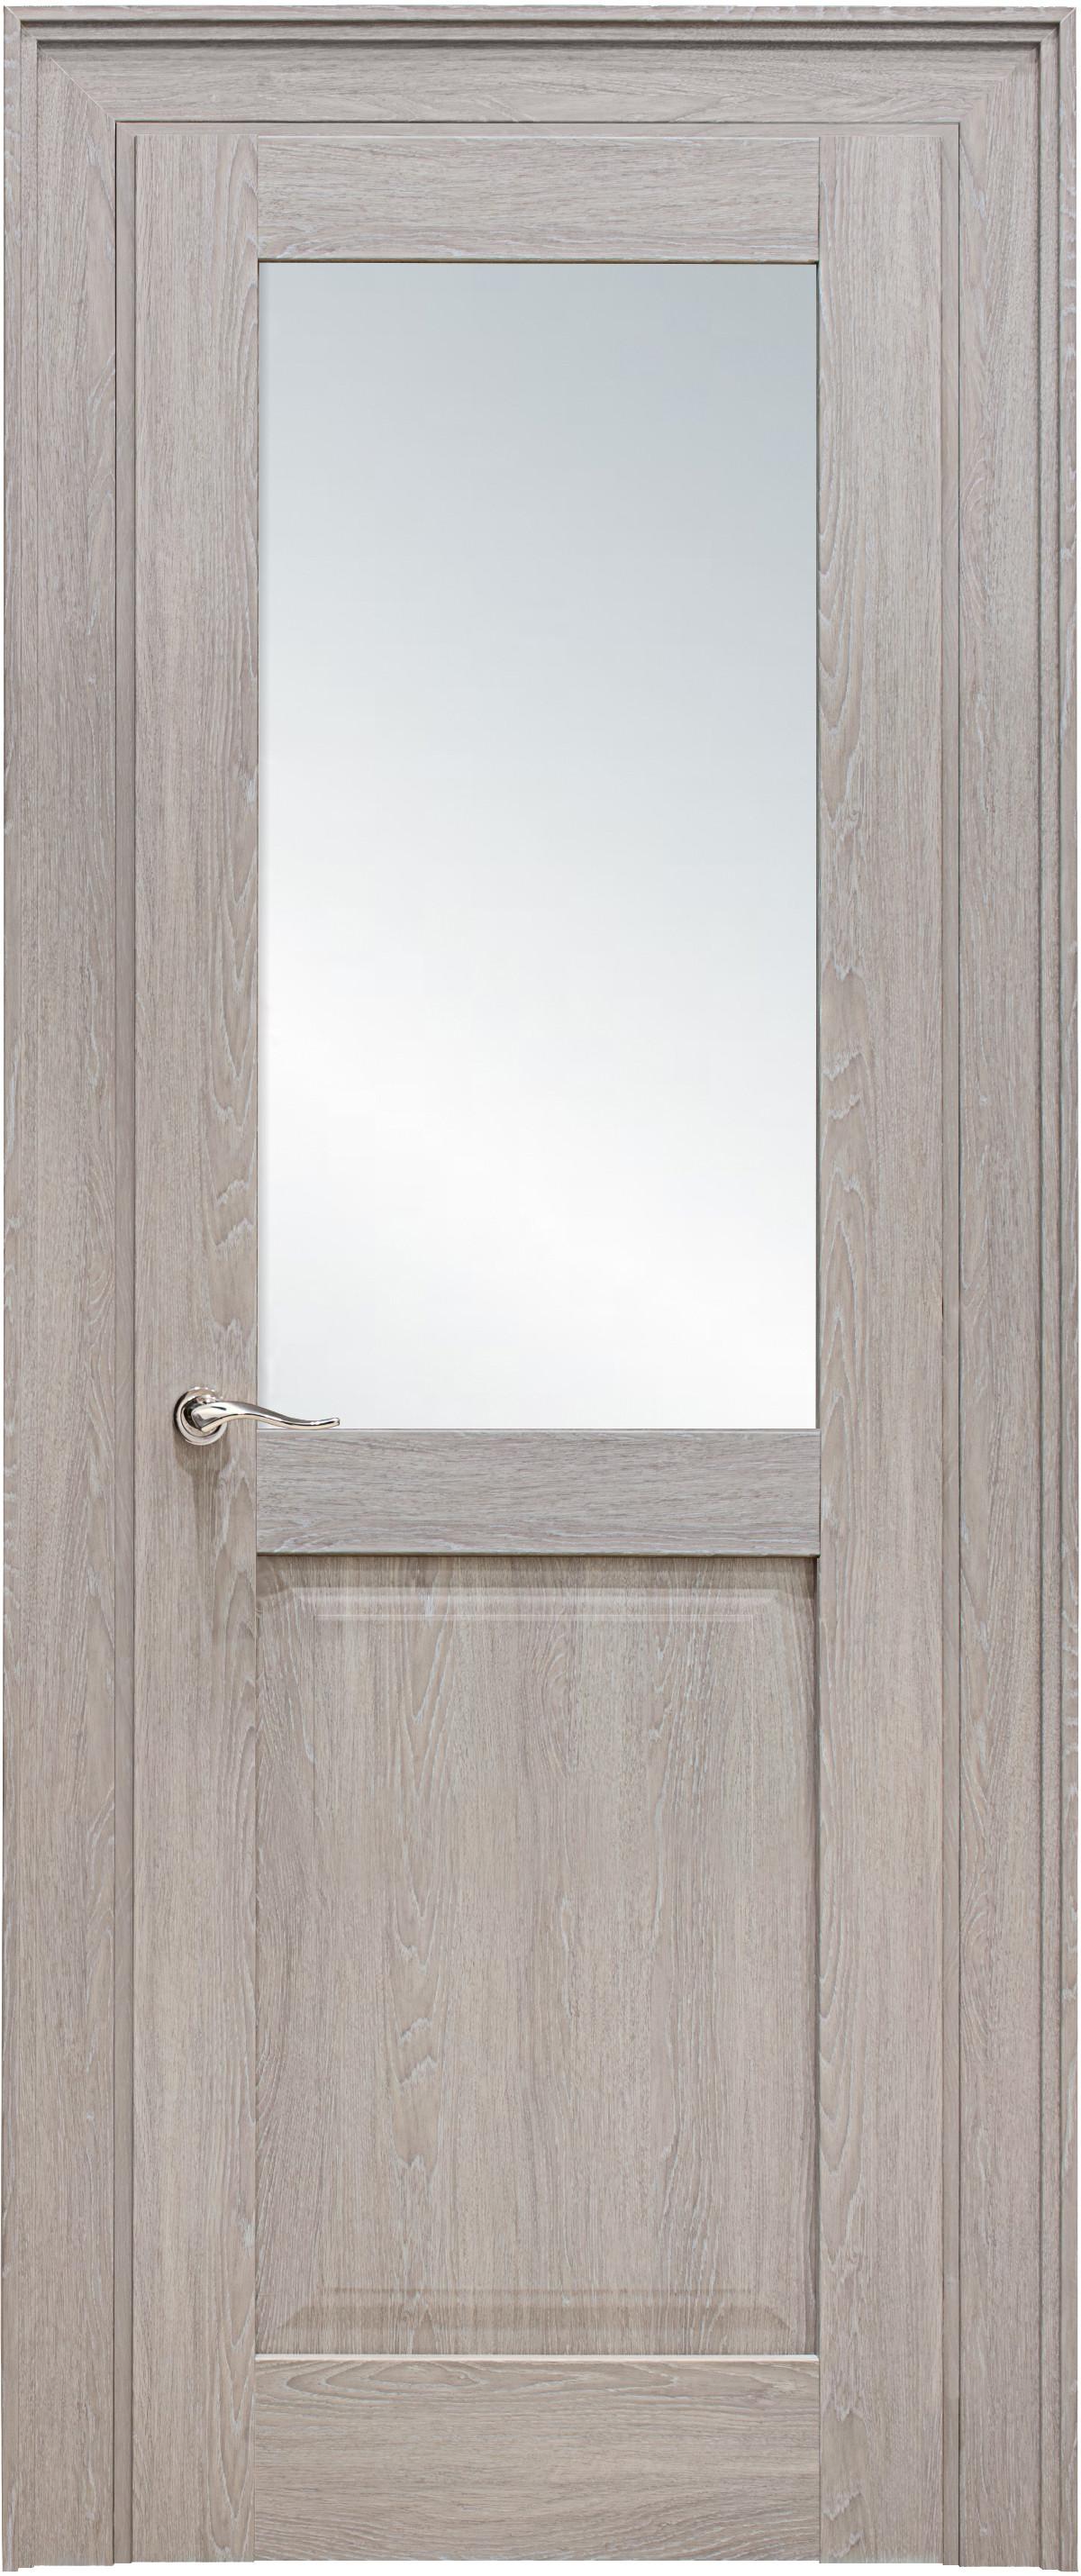 Межкомнатная / входная дверь, отделка: экошпон ДУБ DECAPE, Solo Classic SF-2